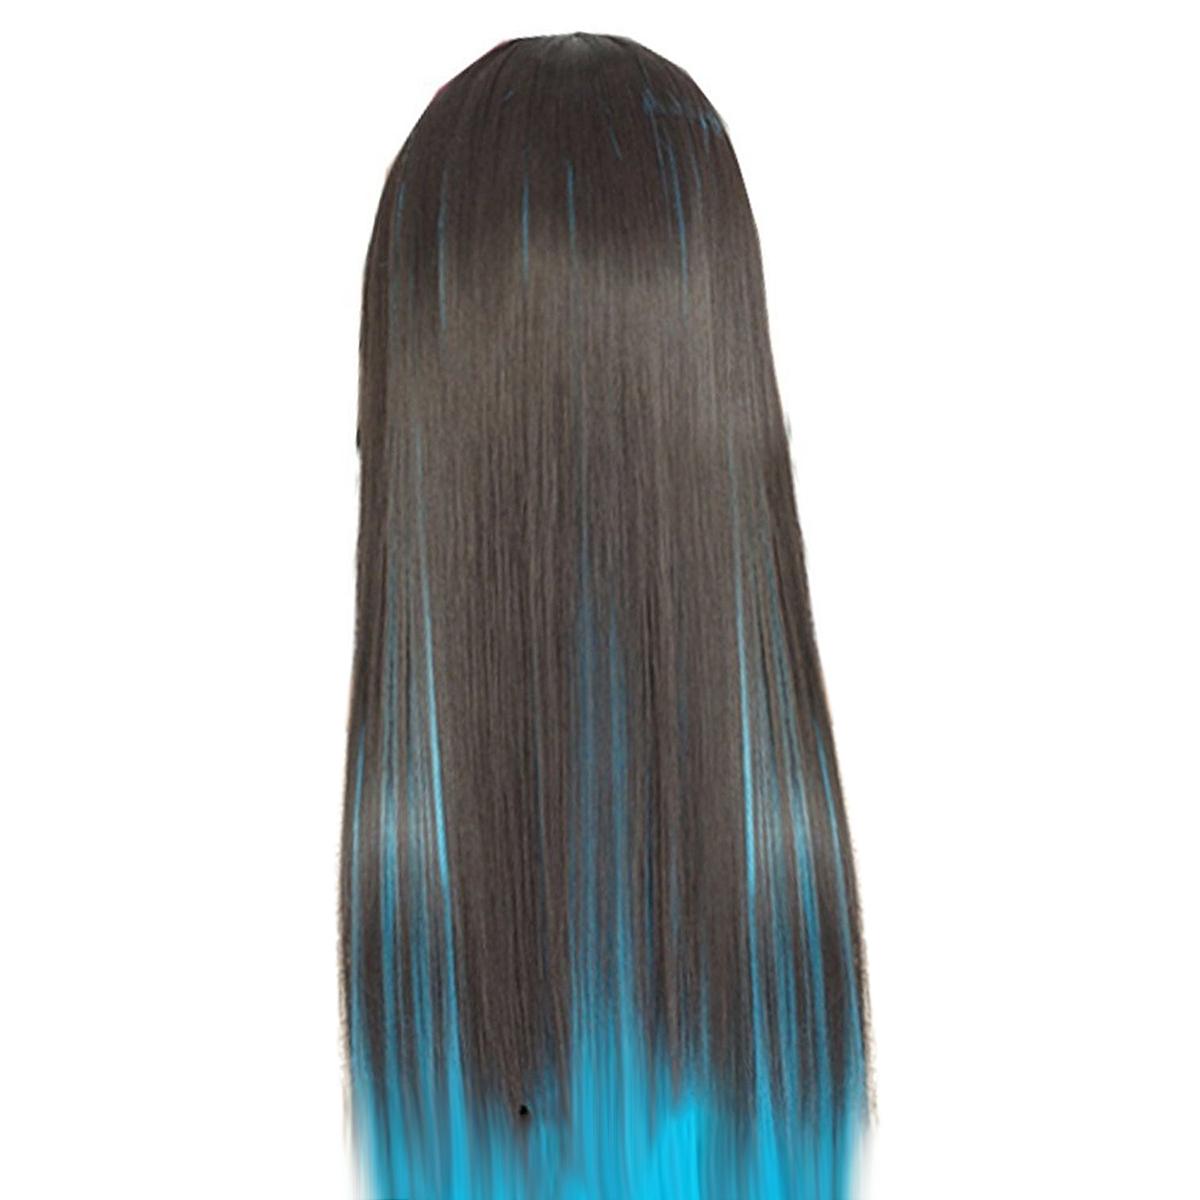 ekstensi rambut ikal bergelombang Source 60 cm Hitam dan Biru rambut  panjang wanita . 1a580e6d50